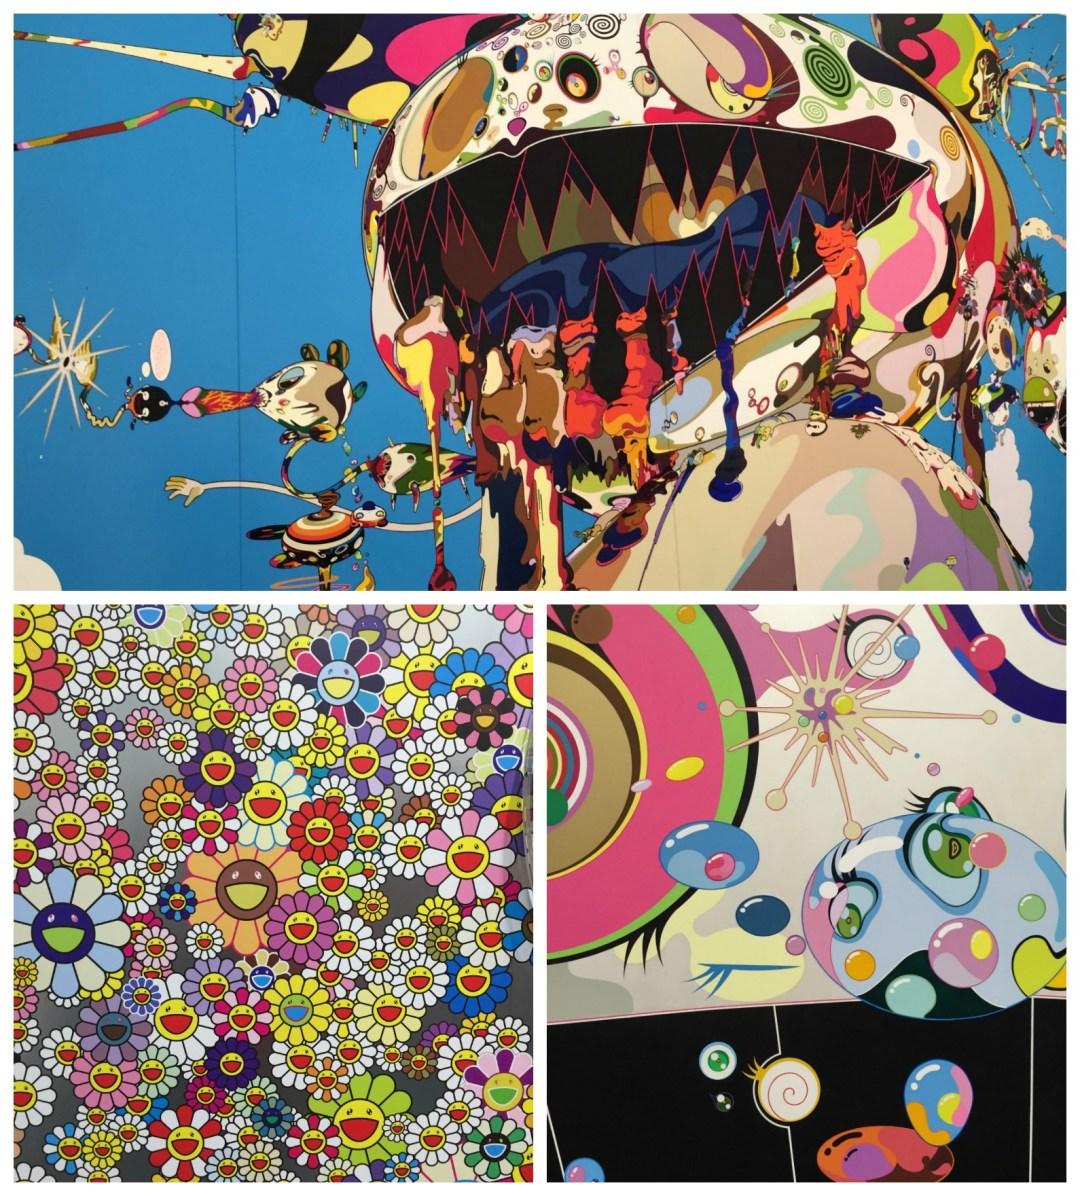 MCA Takashi Murakami - More Work